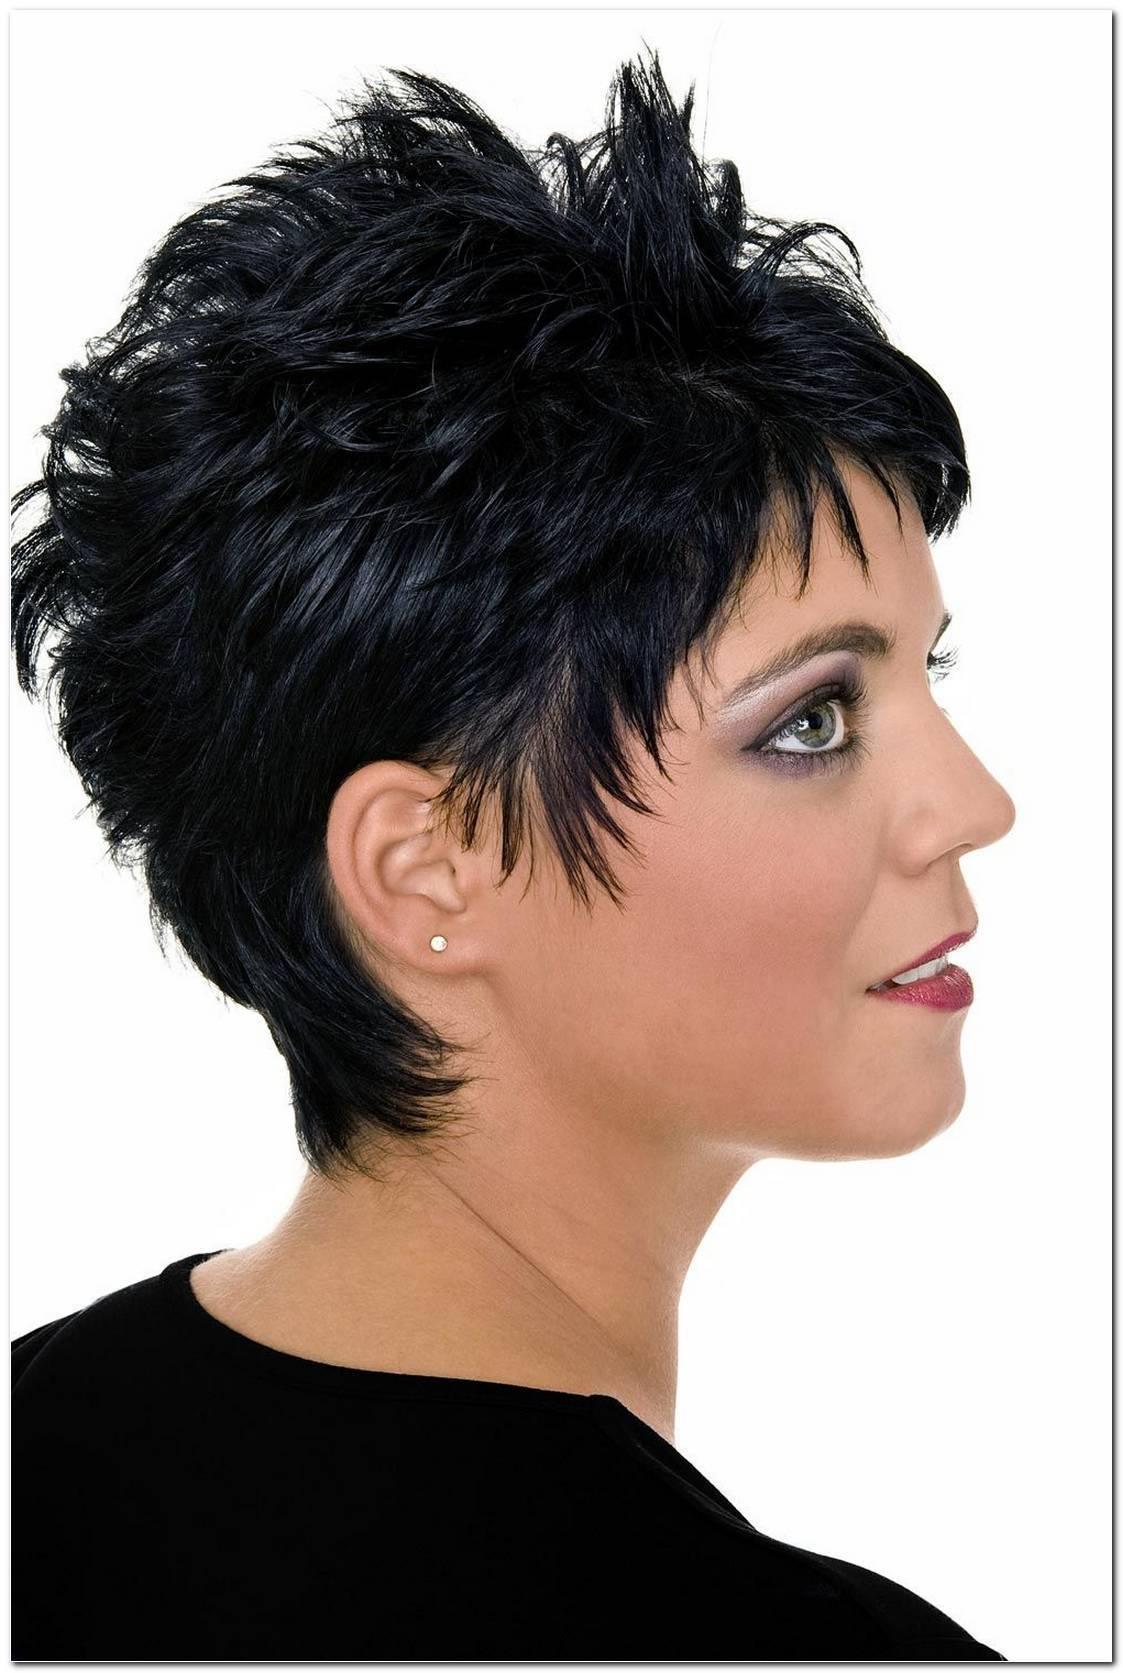 Fetzige Frisuren Kurze Haare